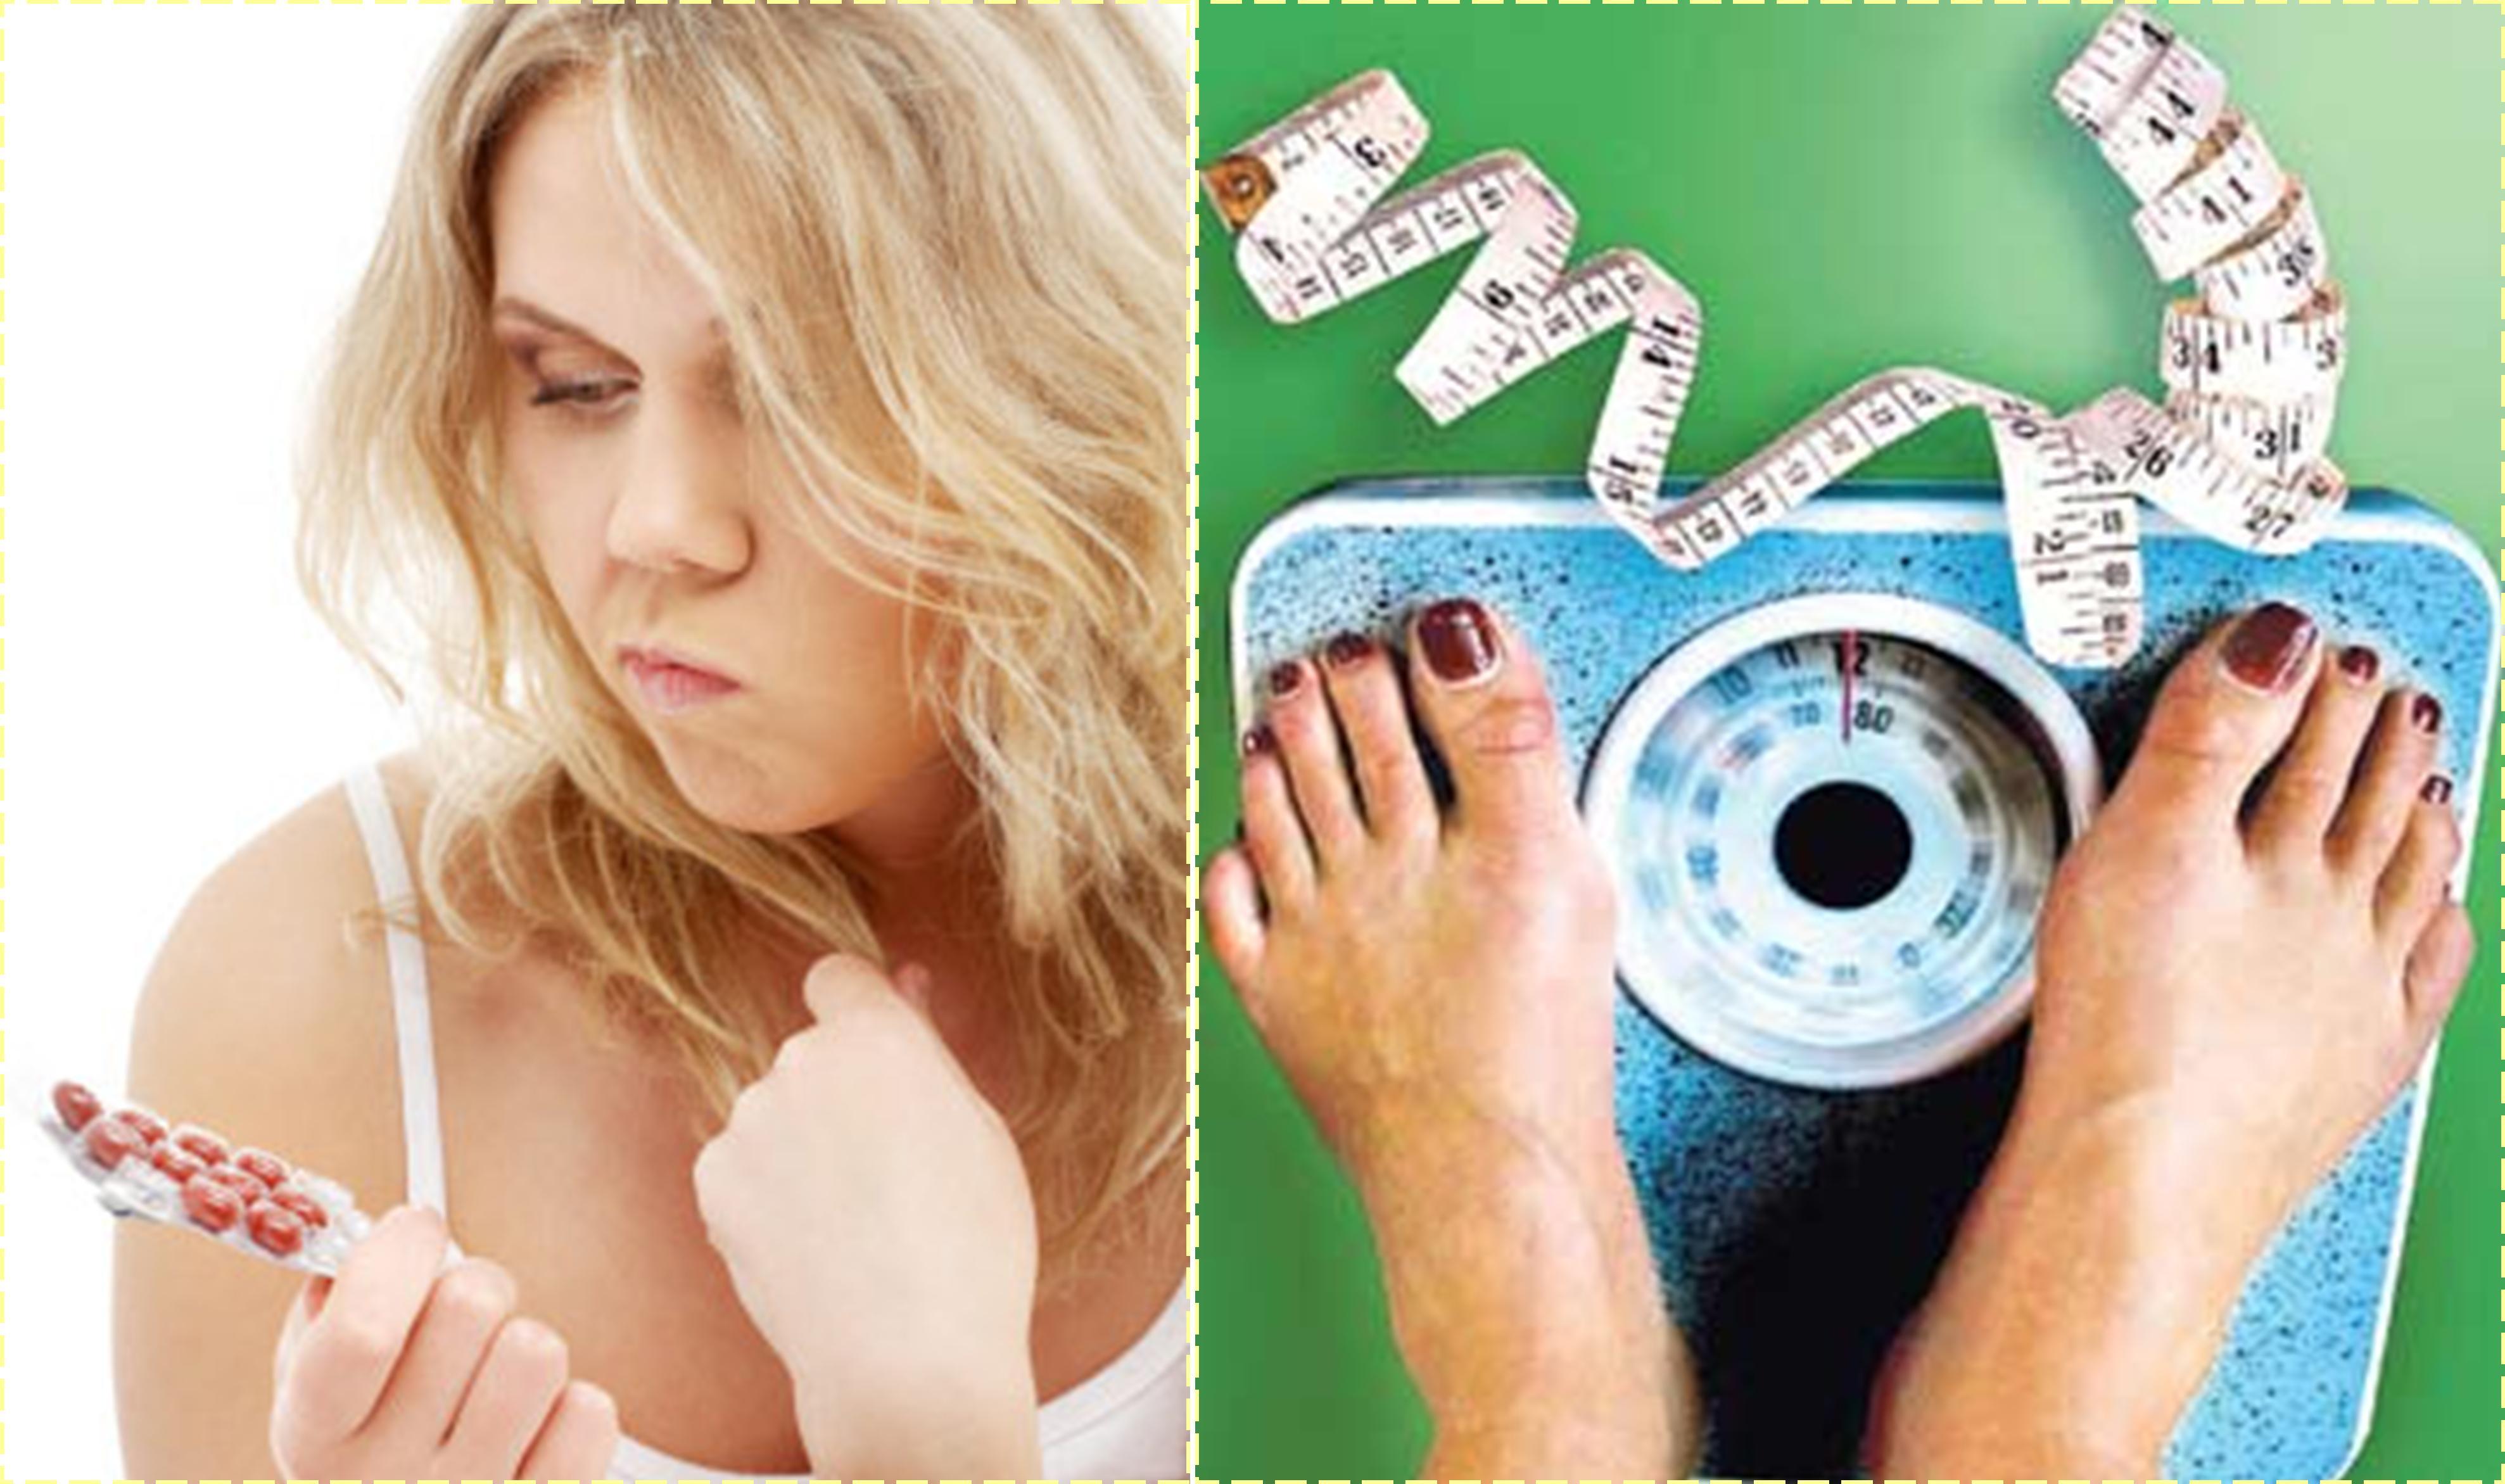 Le 5 diete per dimagrire in poco tempo da evitare